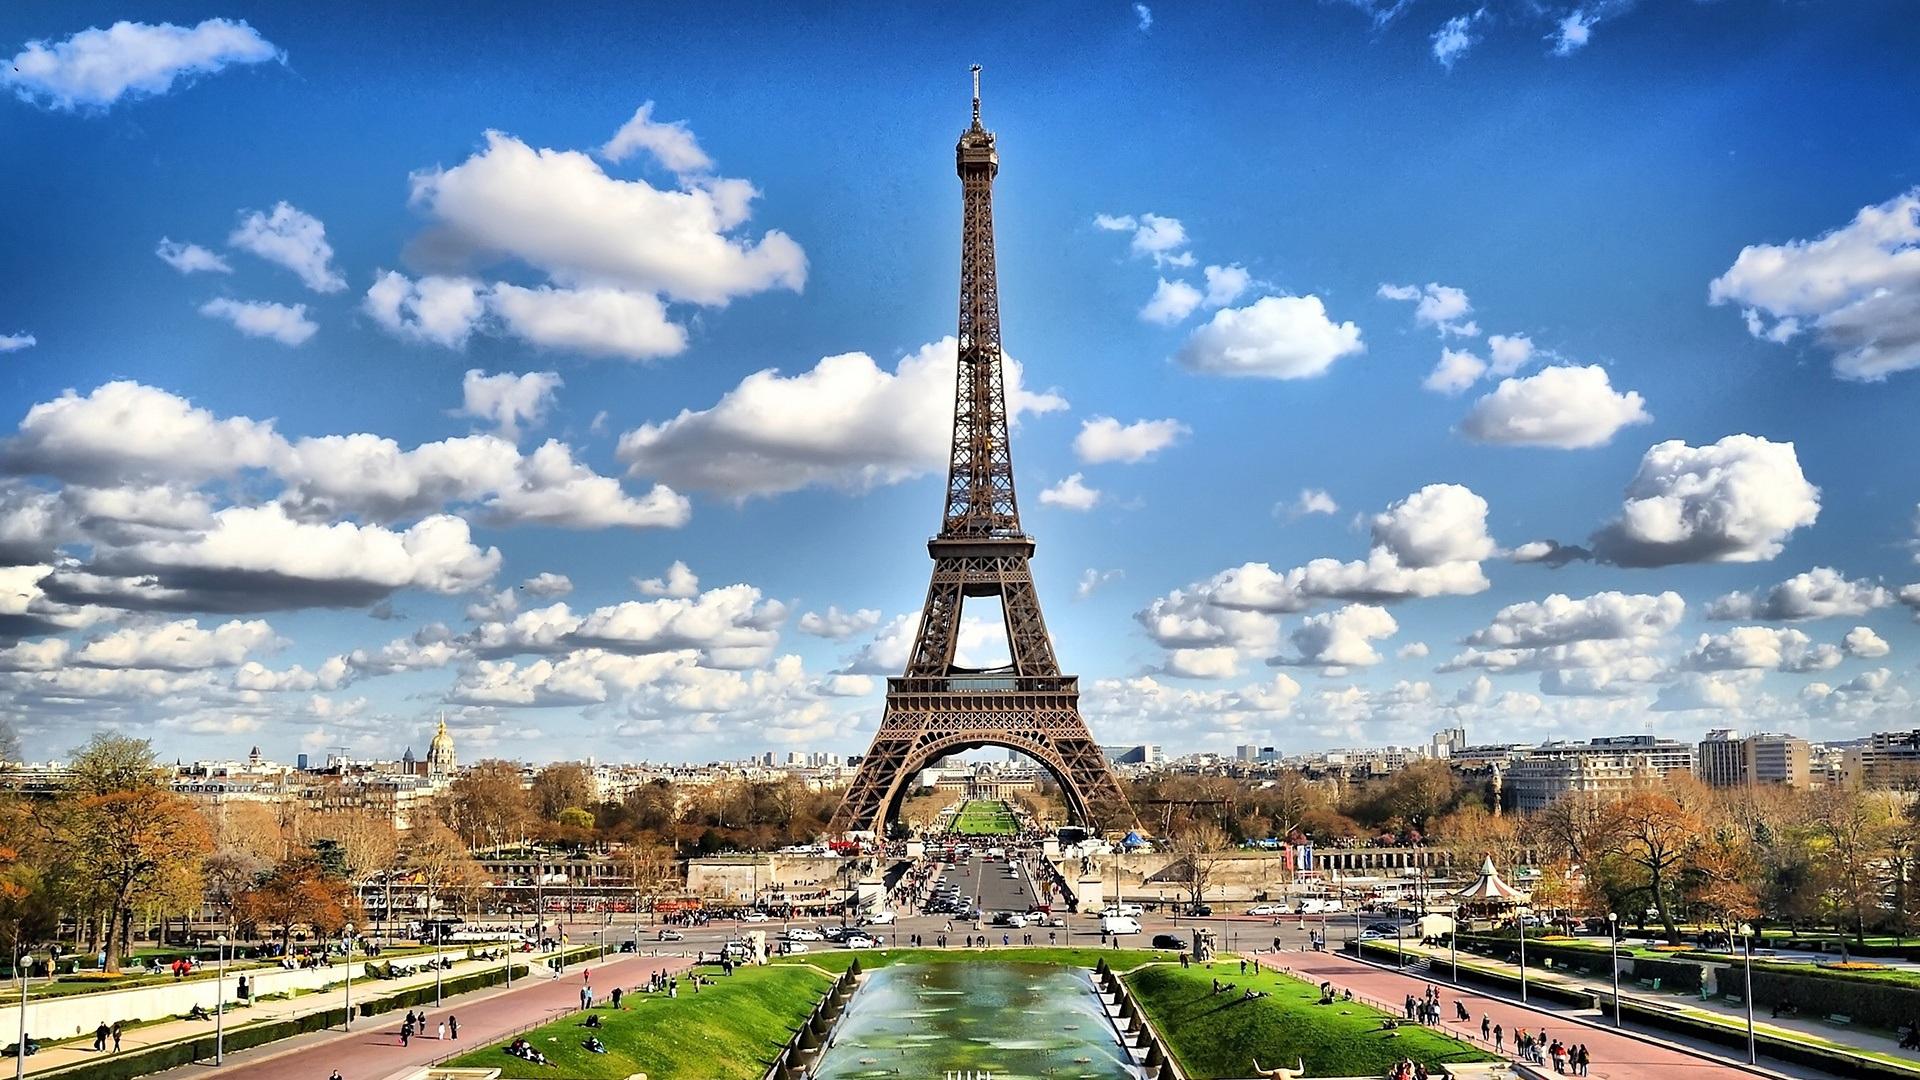 Paris tour eiffel fonds d écran 1920x1080 description paris tour